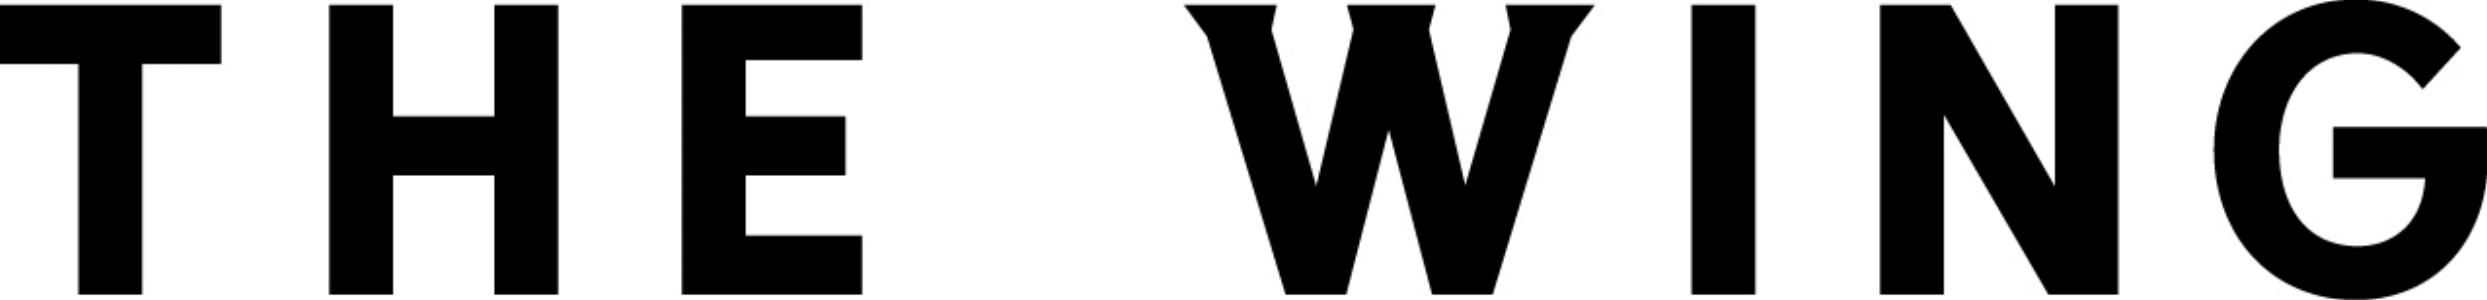 WING_WORDMARK_MASTER_RGB.jpg